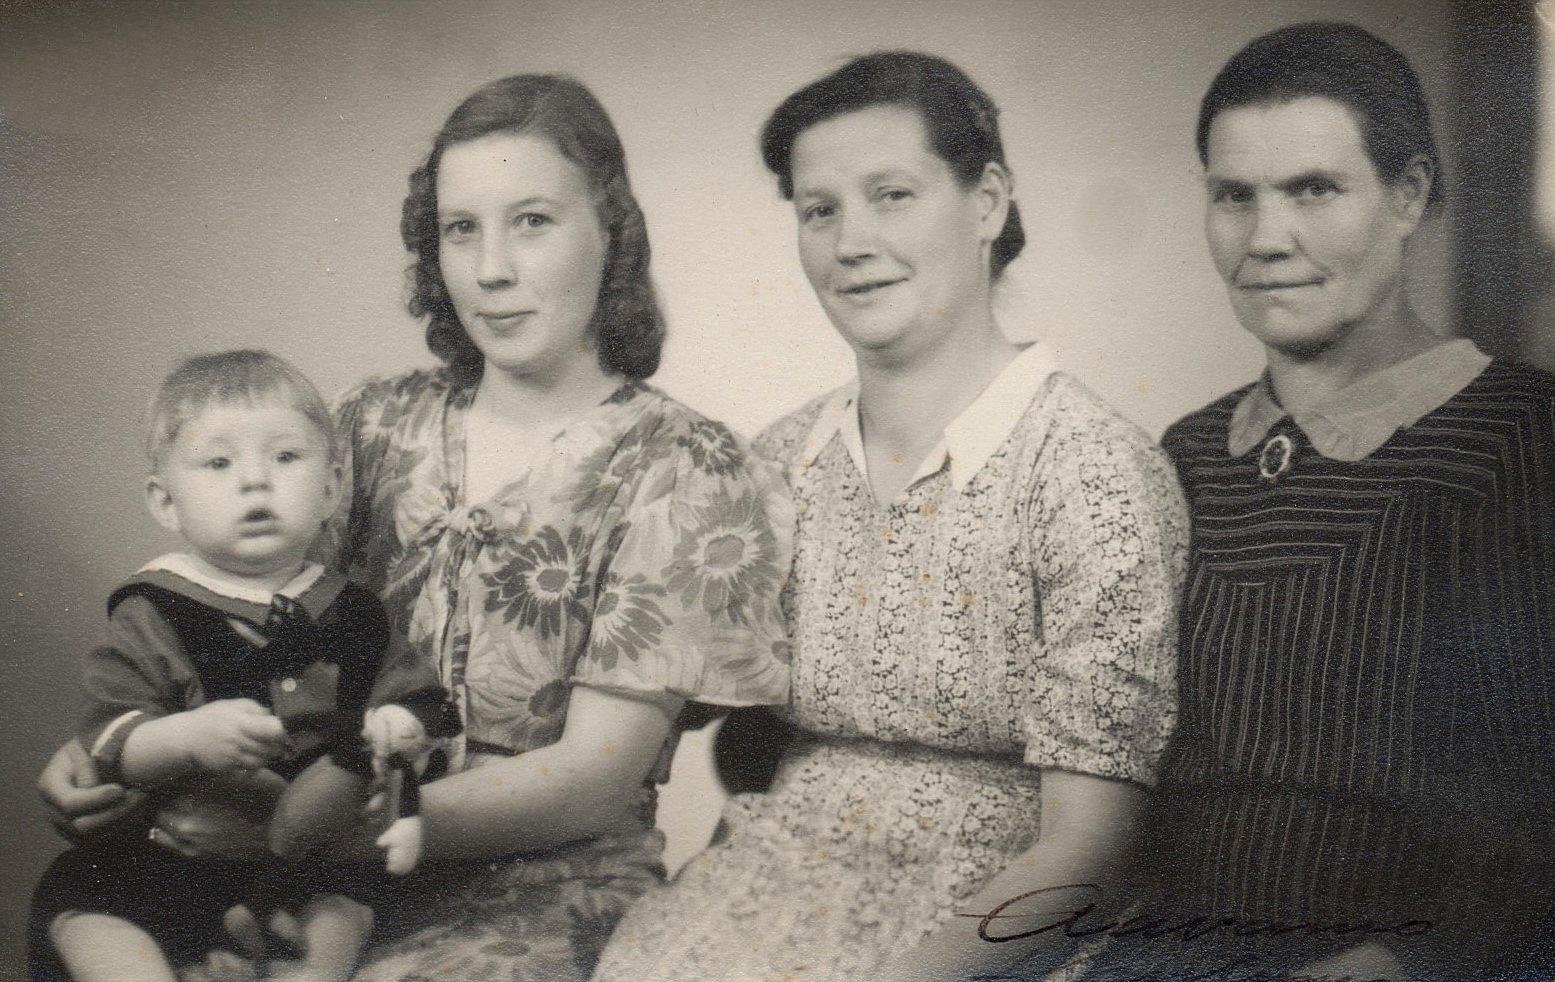 Det var inte riktigt vanligt med 4 generationer på samma foto i slutet på 1940-talet men här sitter lilla Olavi Niemi i famnen på mamma Elvi. Bredvid Elvi sitter mor Helmi Lövholm och till höger Elvis mormor.